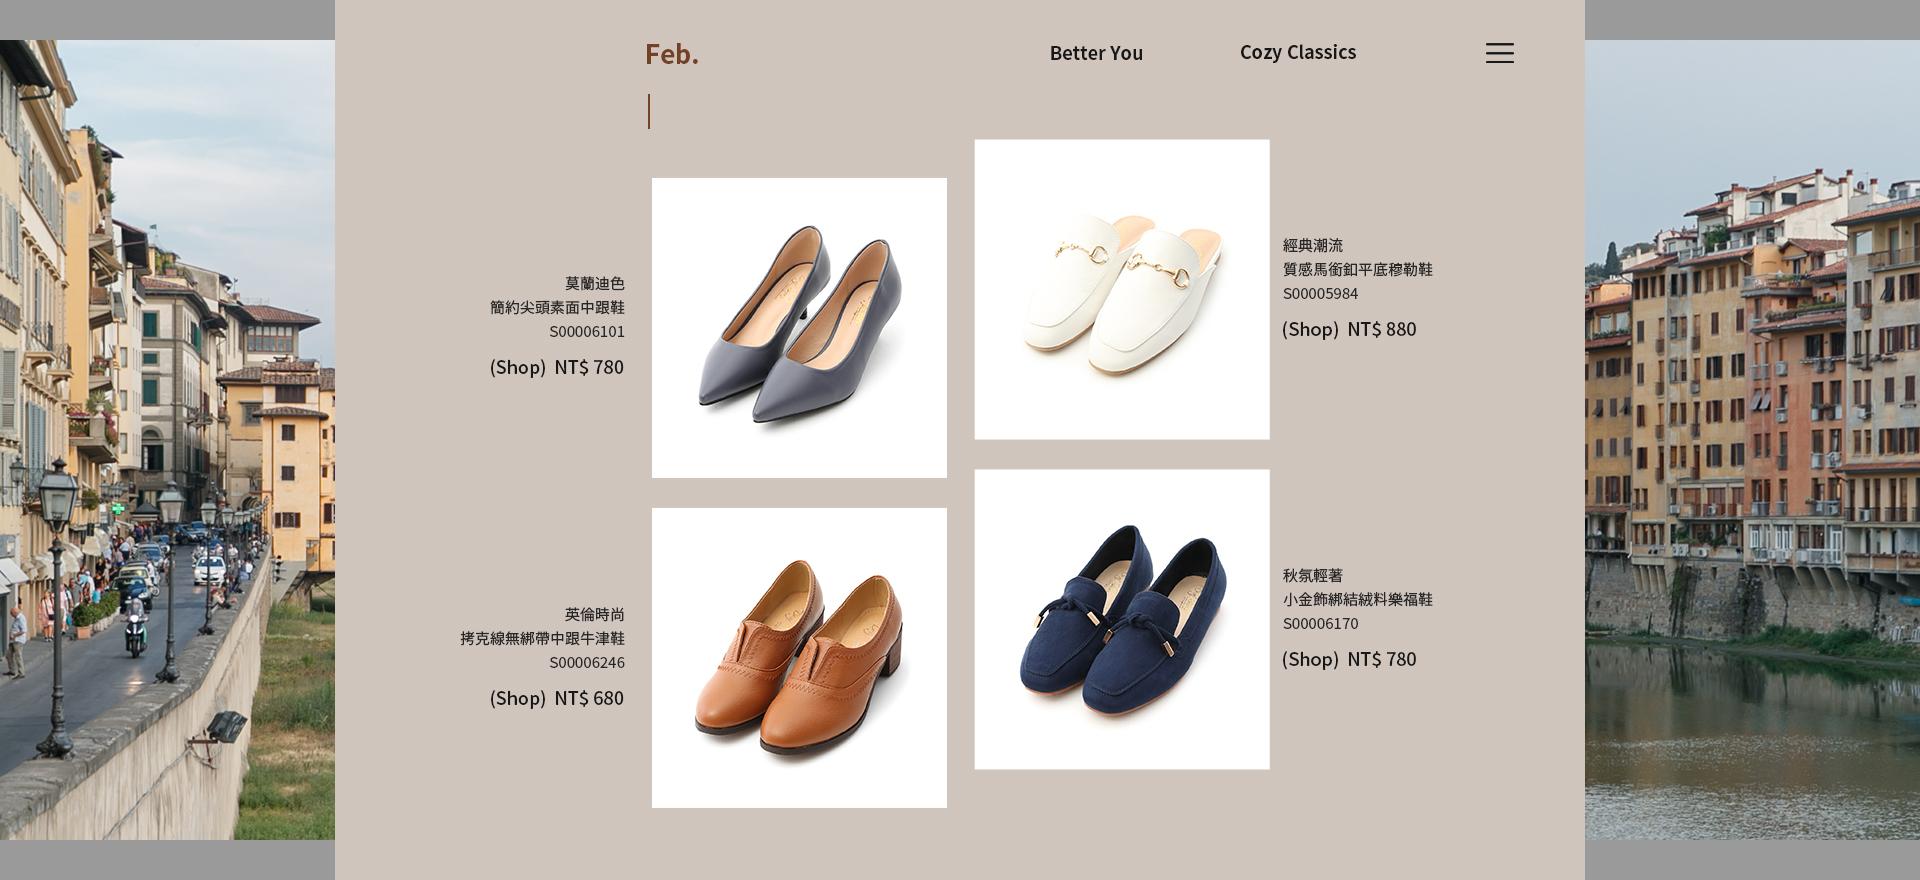 早春新品女鞋鞋款推薦 尖頭鞋 樂福鞋 低跟鞋